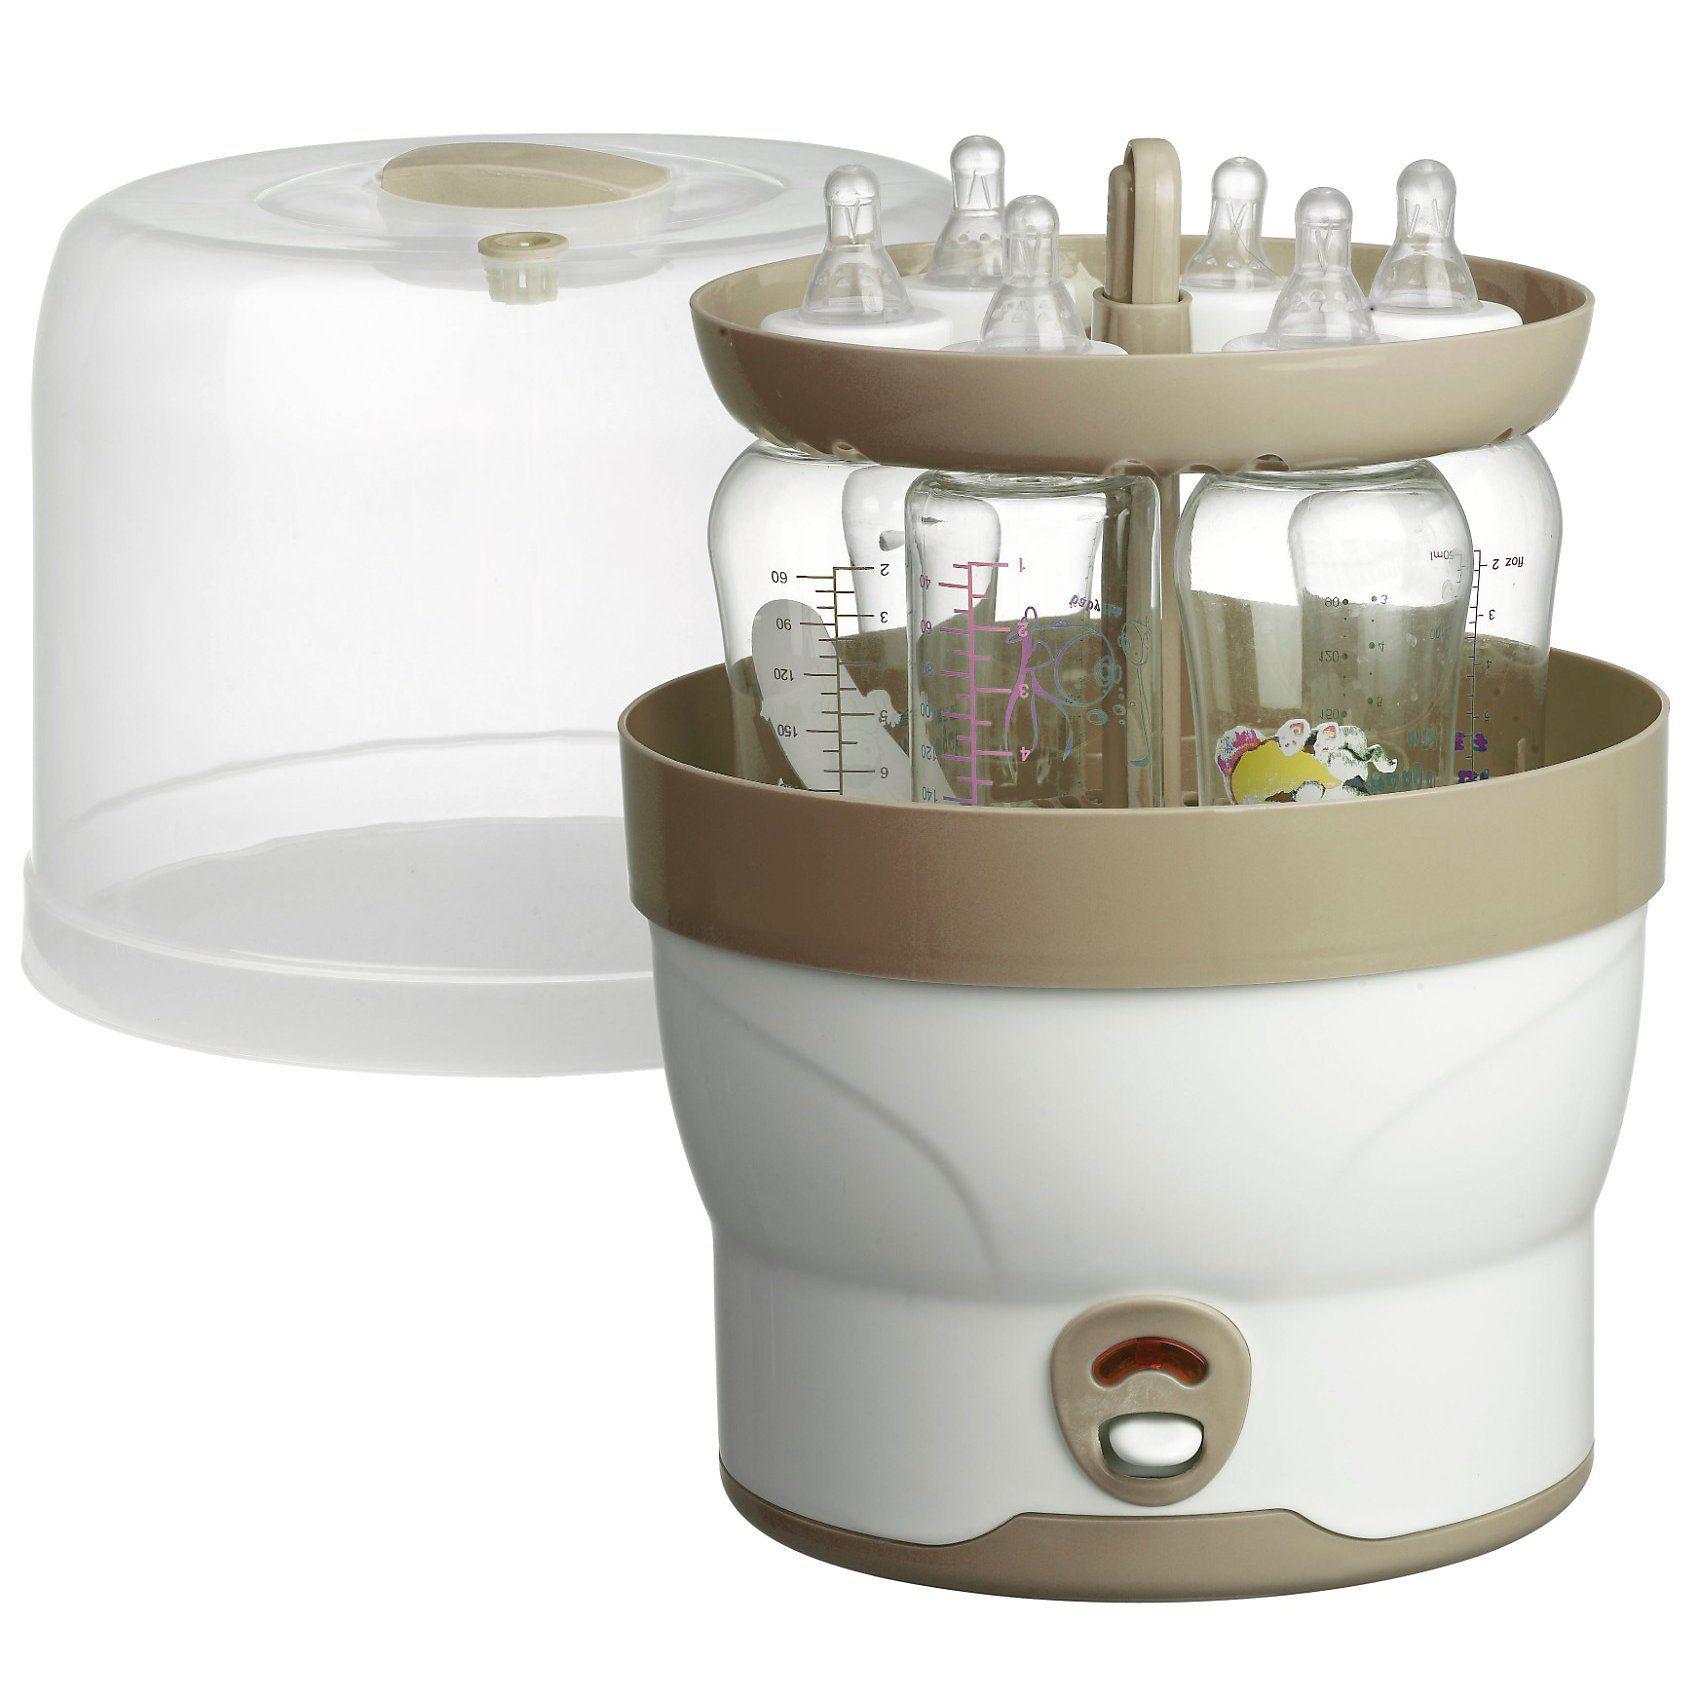 H + H babyruf Dampfsterilisator BS 29